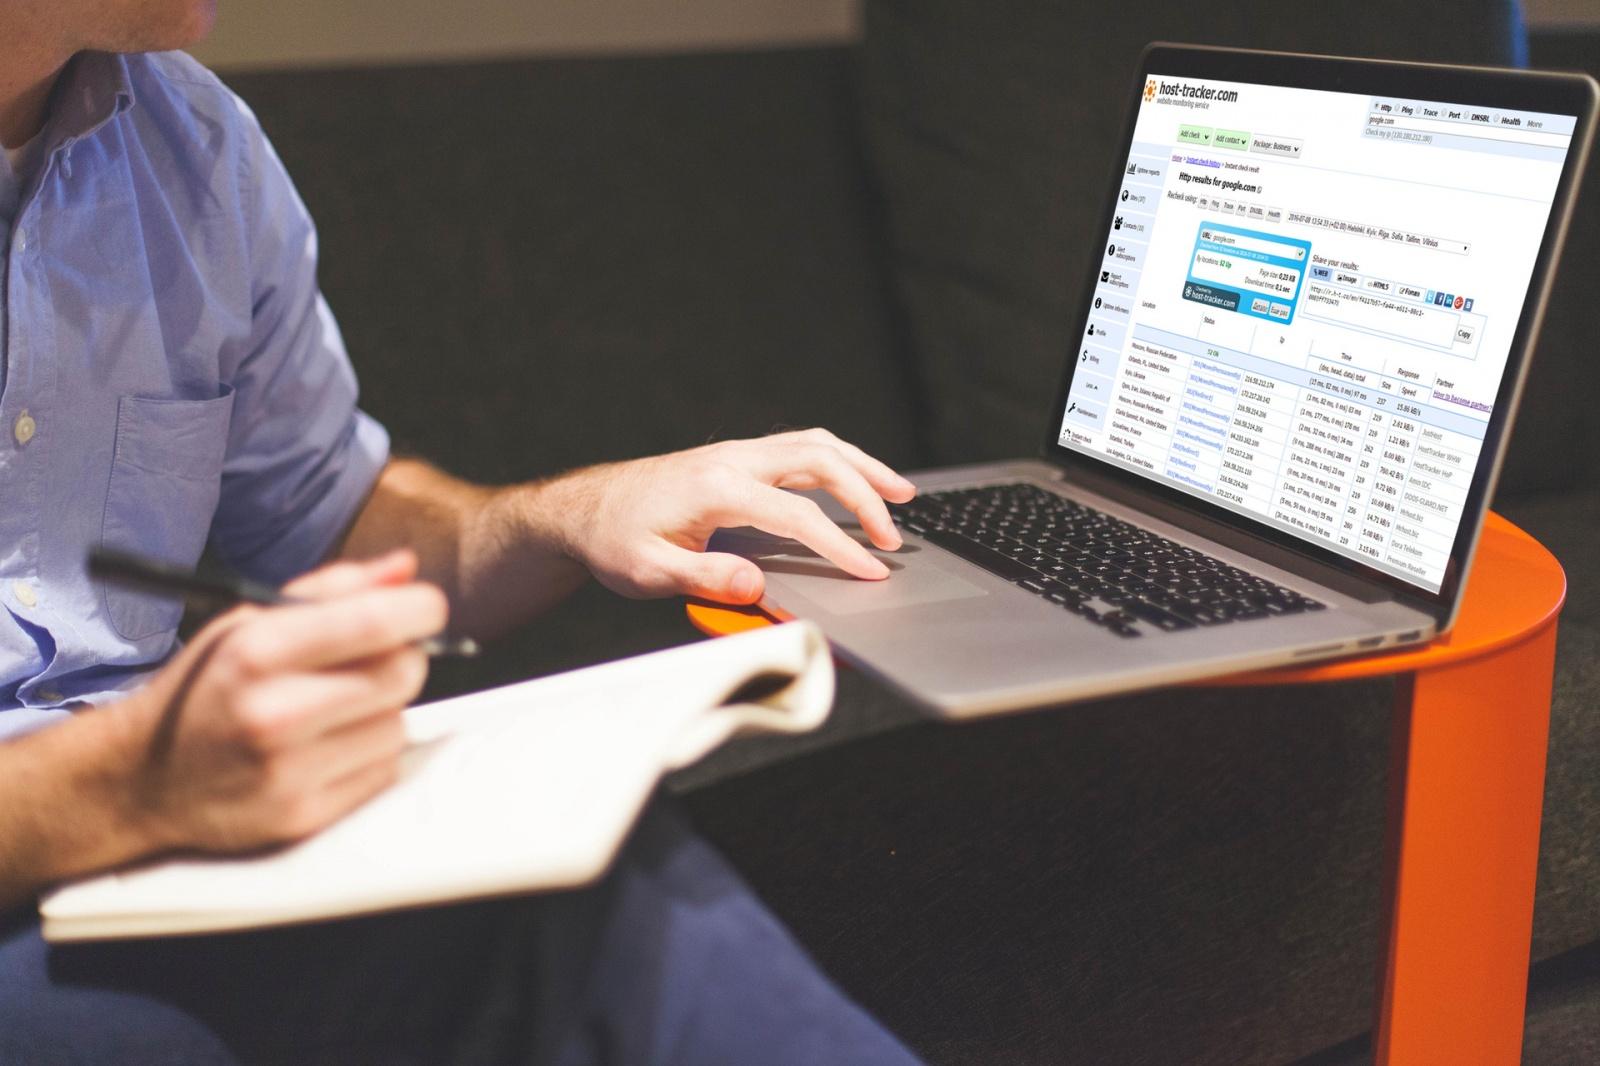 Интеграция ХостТрекера со Slack. Стабильность сайта: как держать всех в курсе - 1